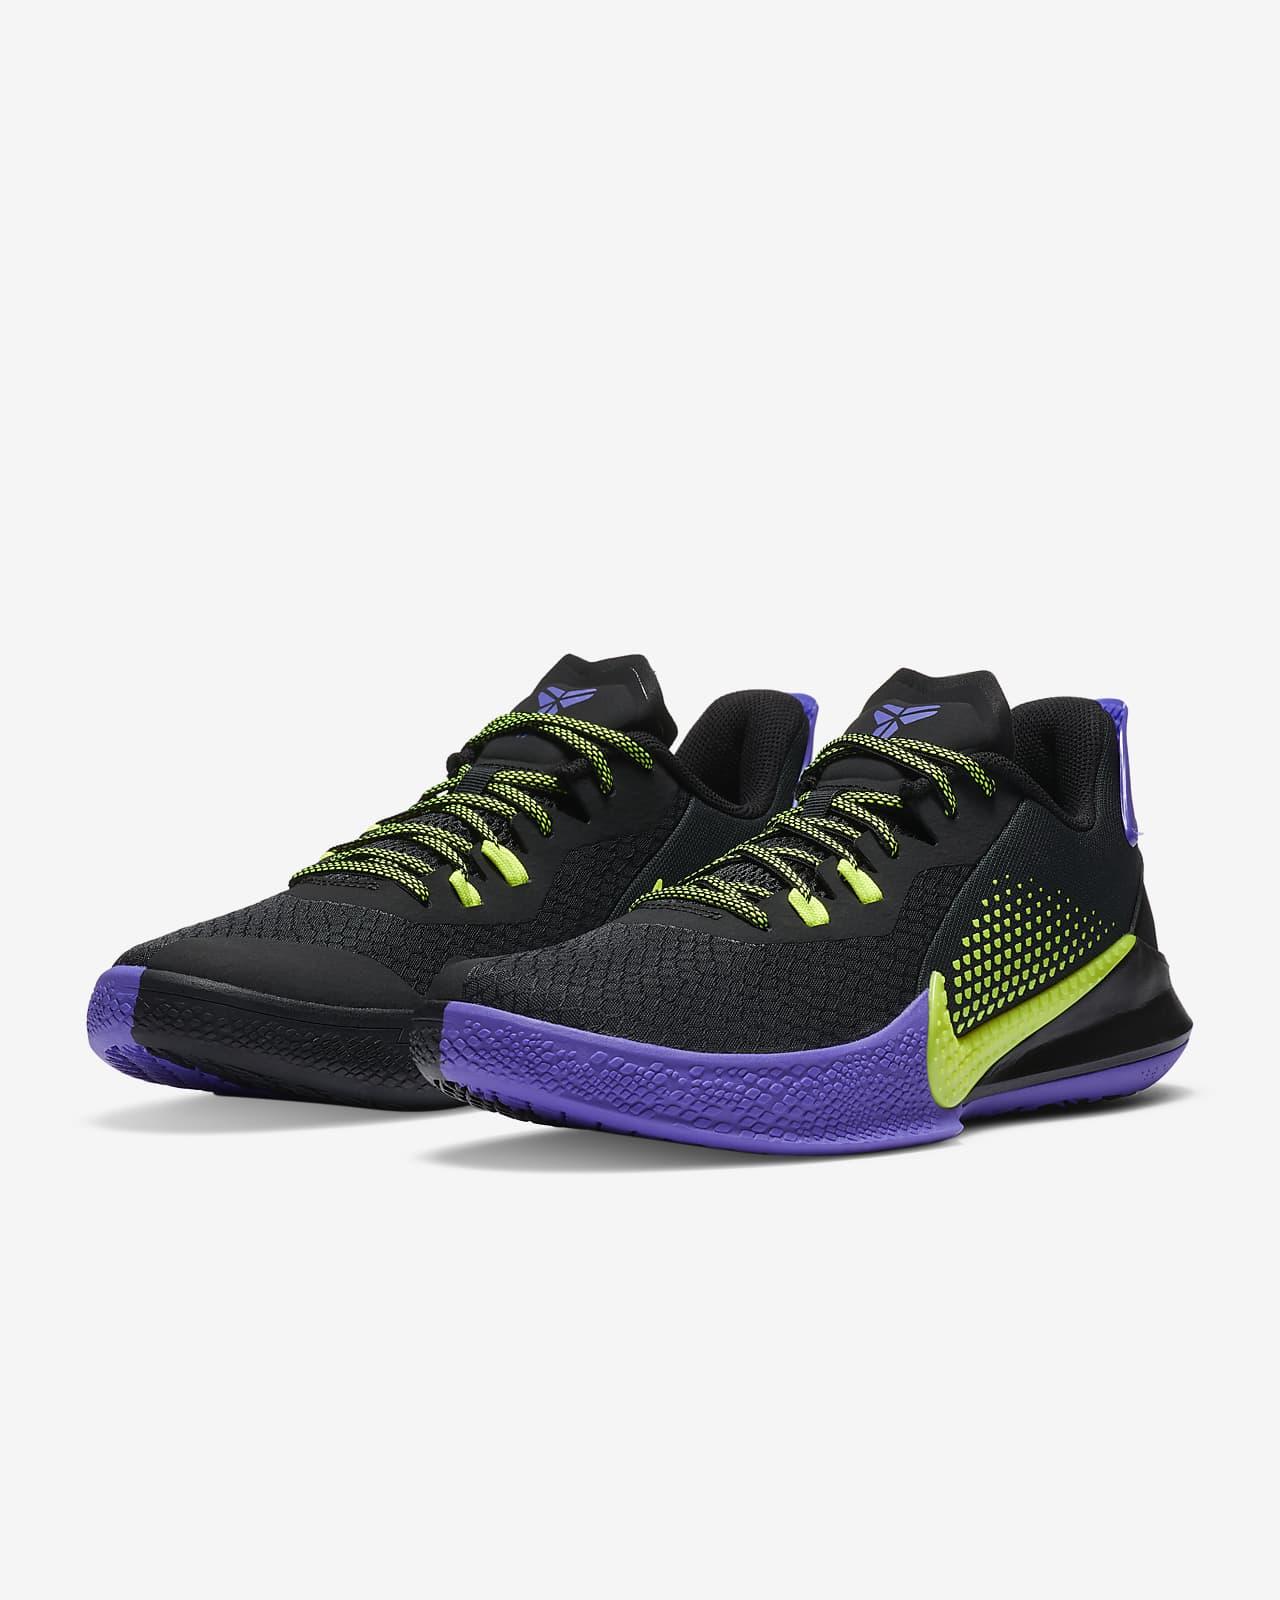 Chaussure de basketball Mamba Fury